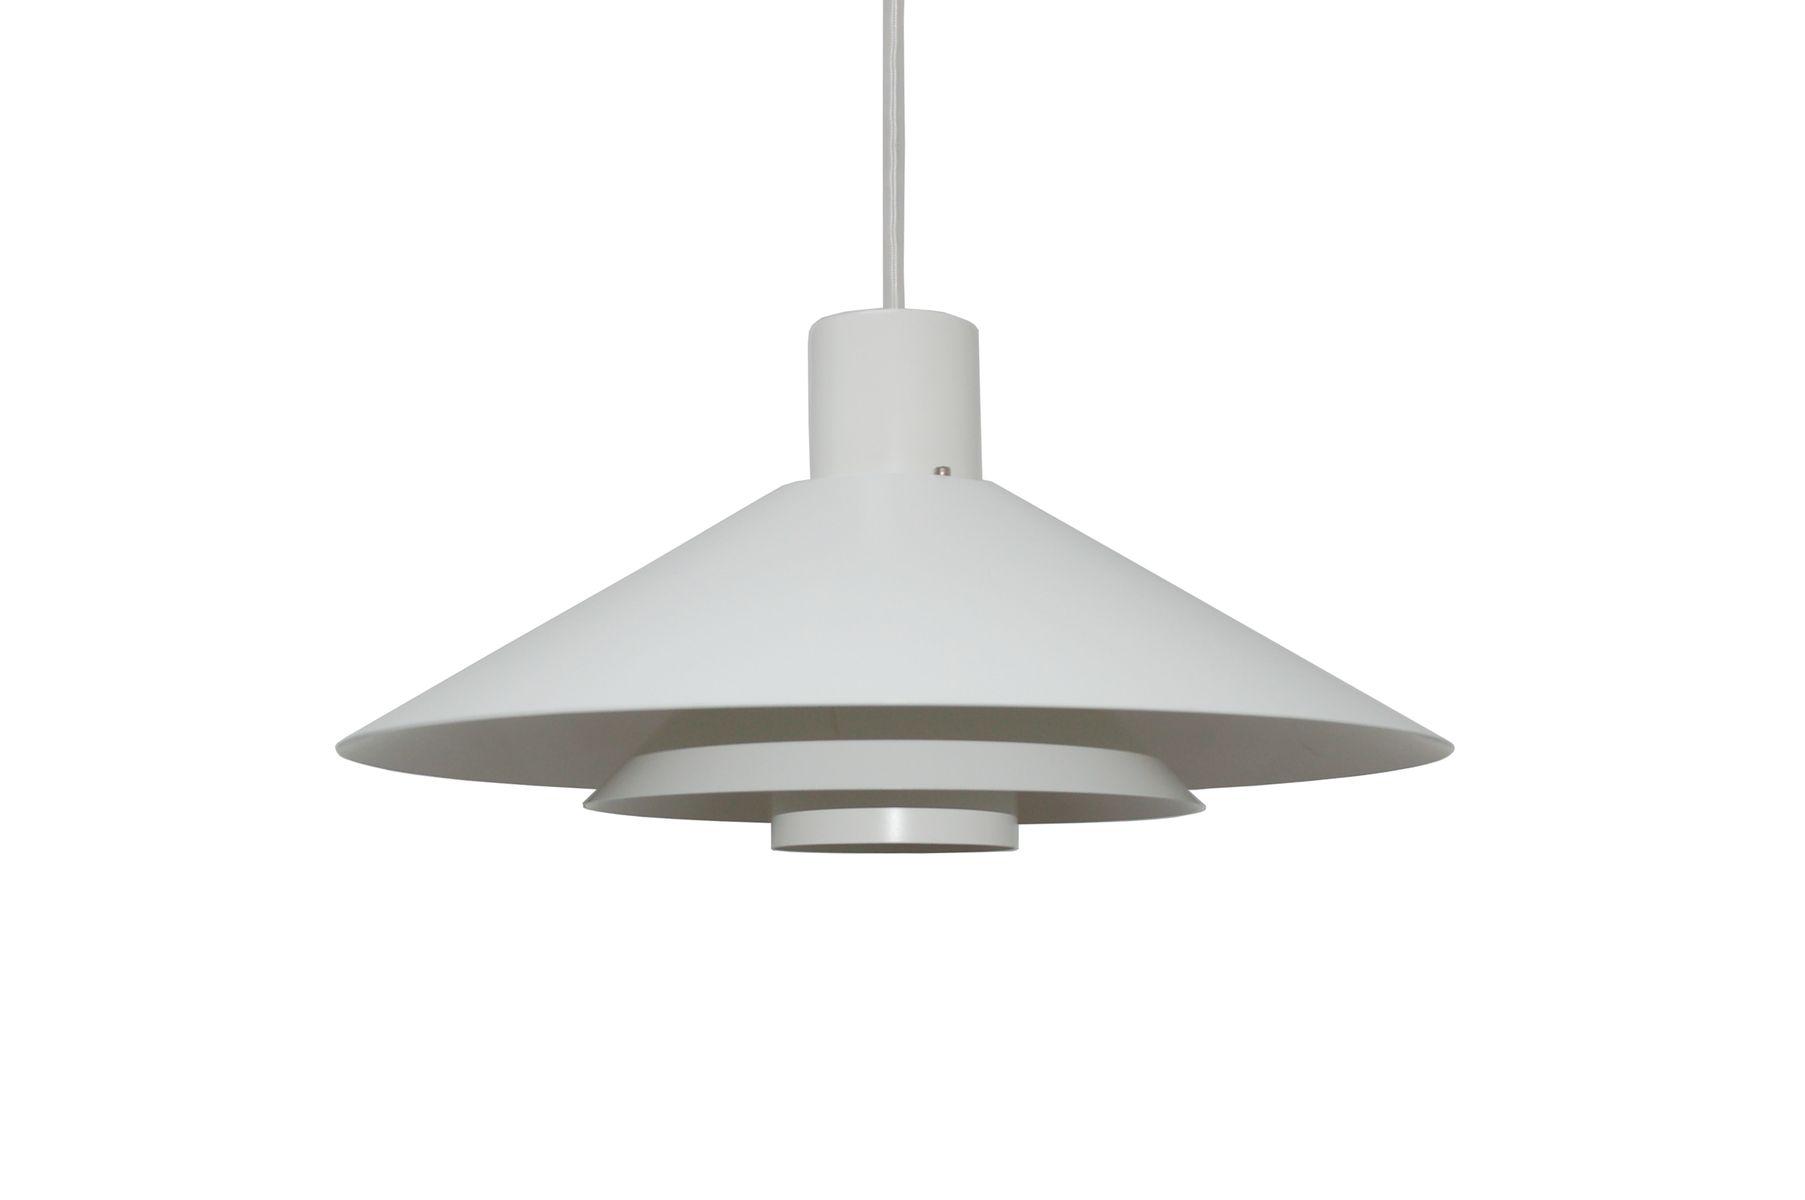 Vintage Trapez Lampe von Christian Hvidt für Nordisk Solar